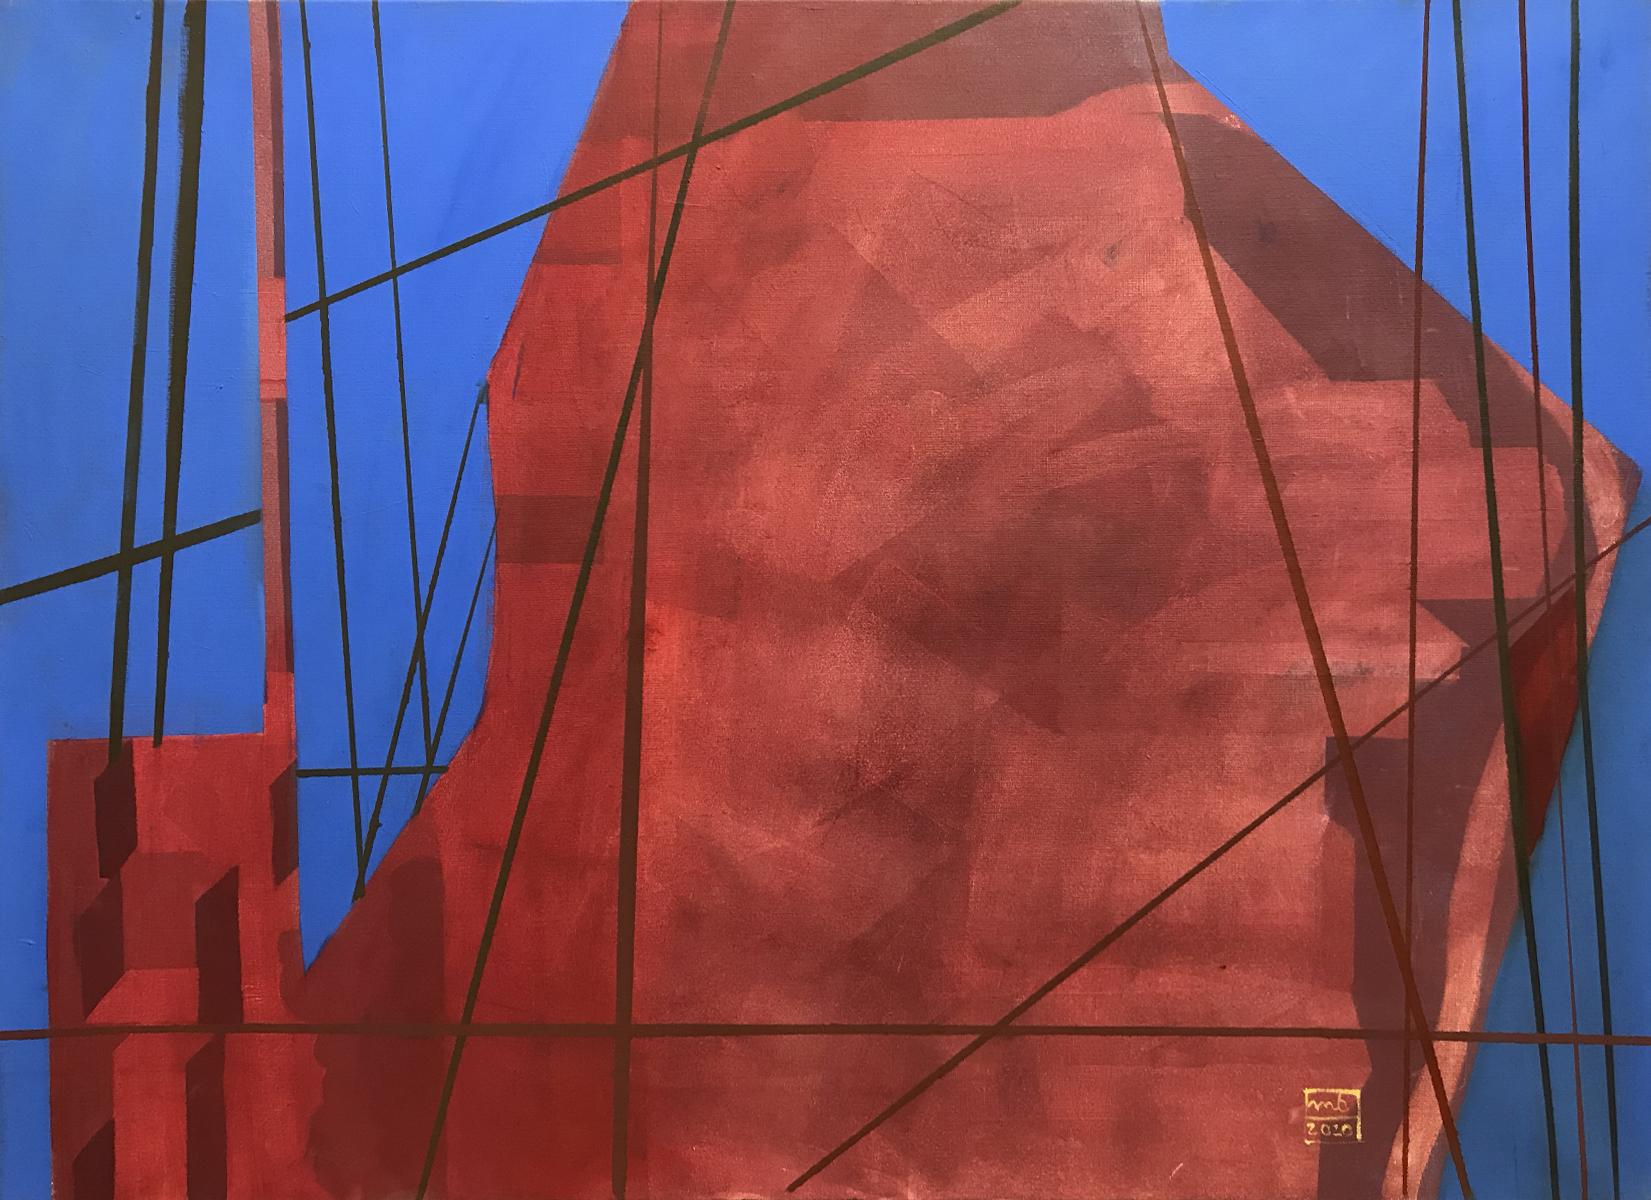 Wieża Babel 1, 2020